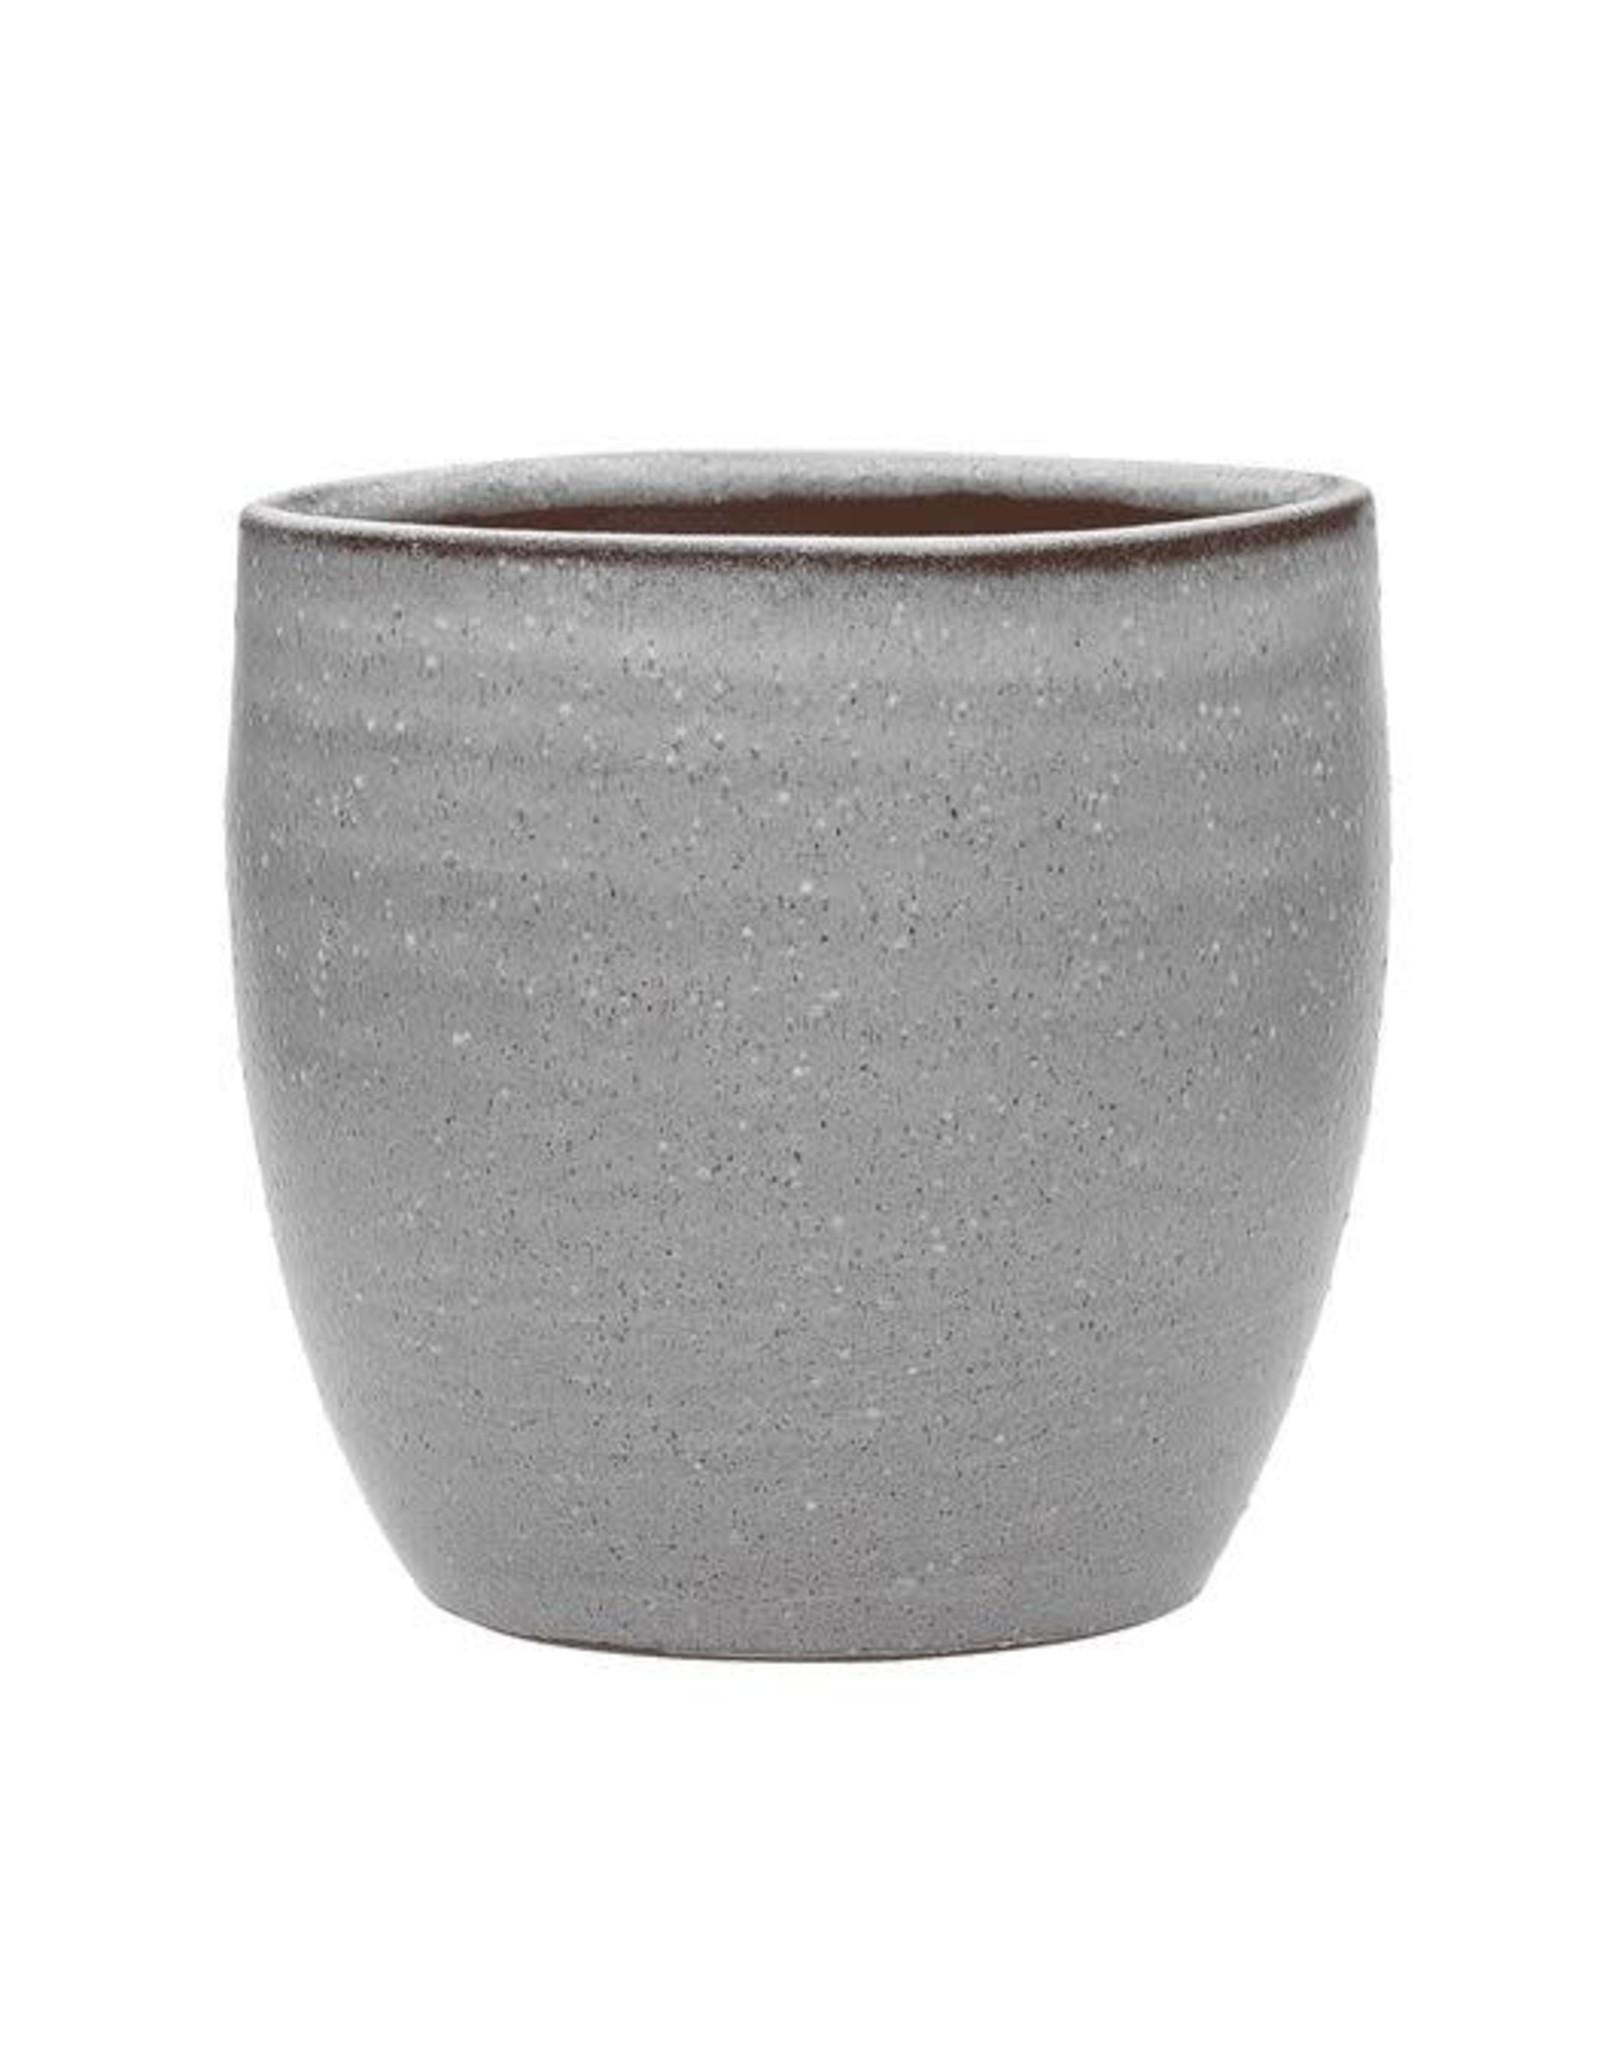 Ecology Cubis Vase 13cm